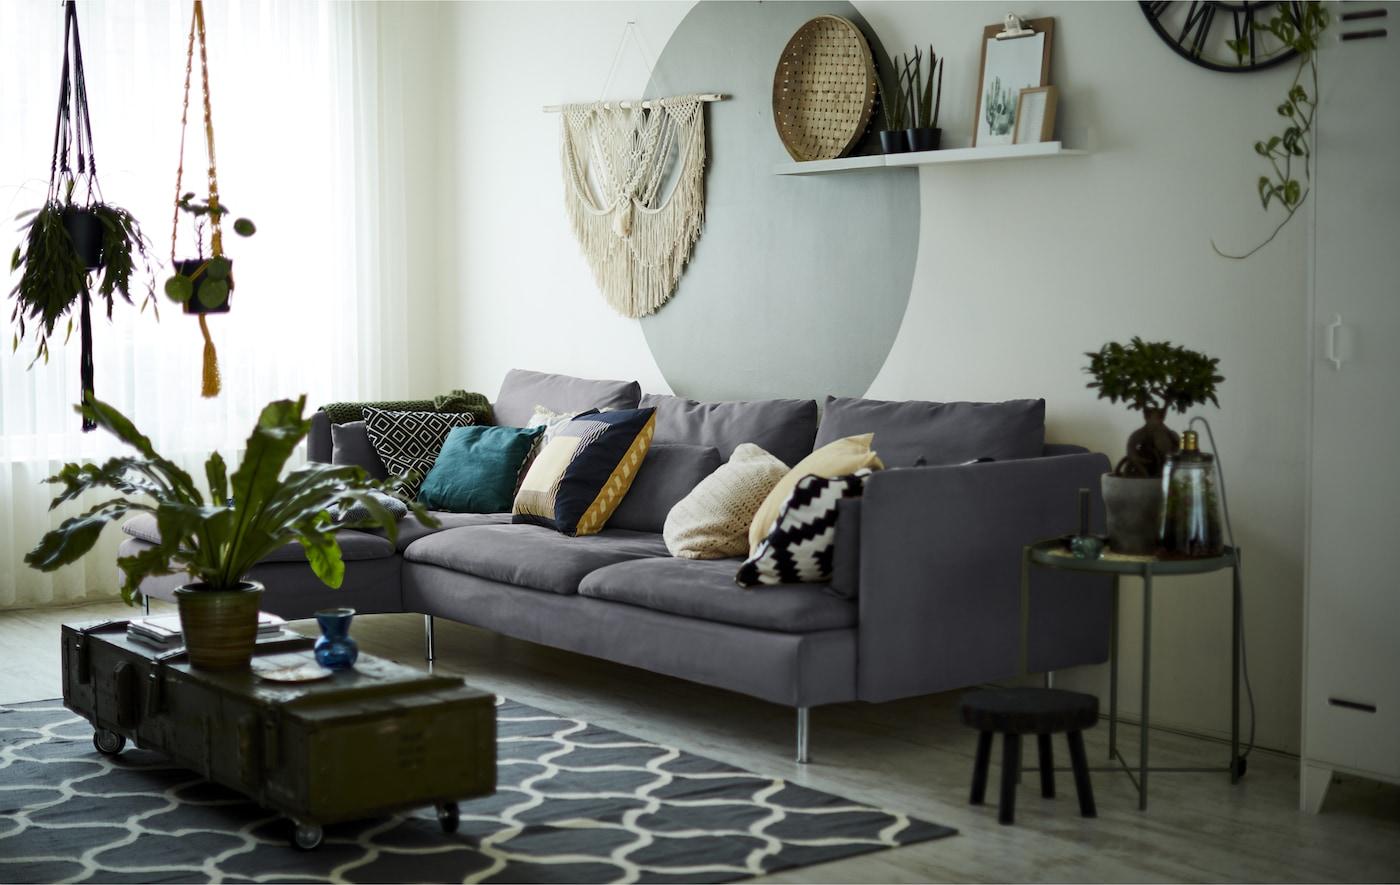 Un soggiorno con un divano grigio e piante da interno.